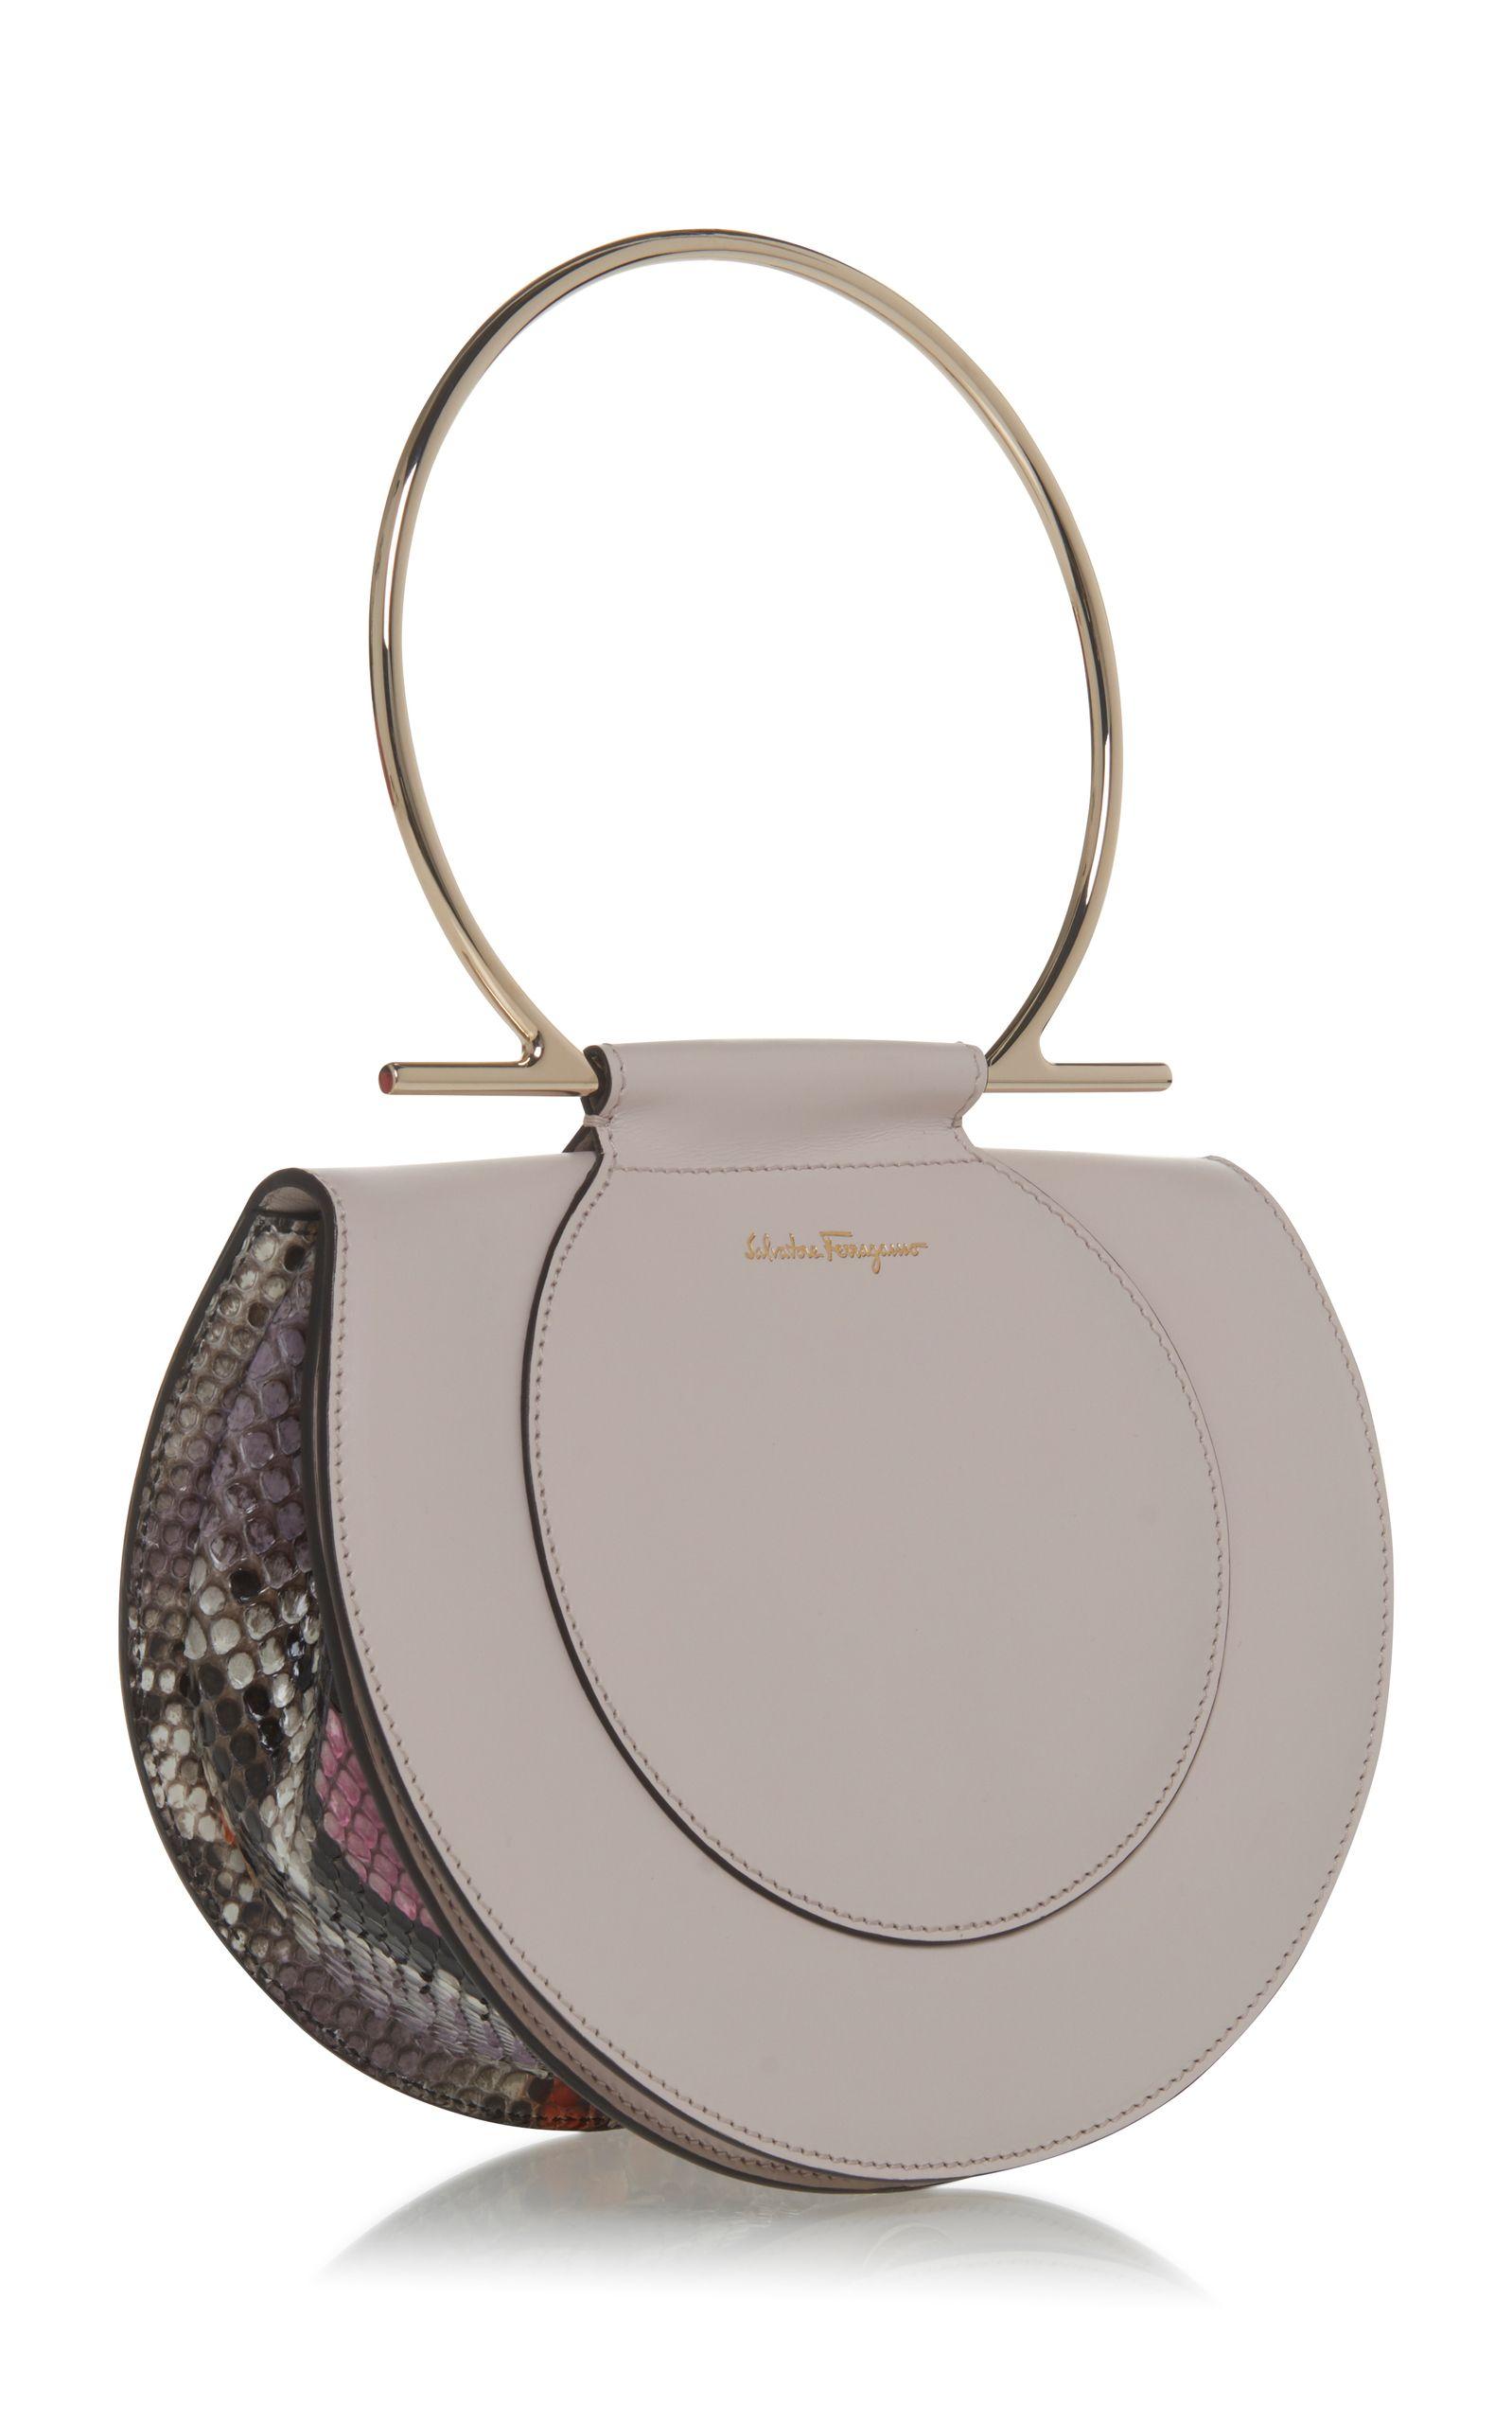 2018 Cheap Online Salvatore Ferragamo Daphne handbag Discount Official Site Cheap Sale Marketable Buy Cheap Newest LXPav6z3M